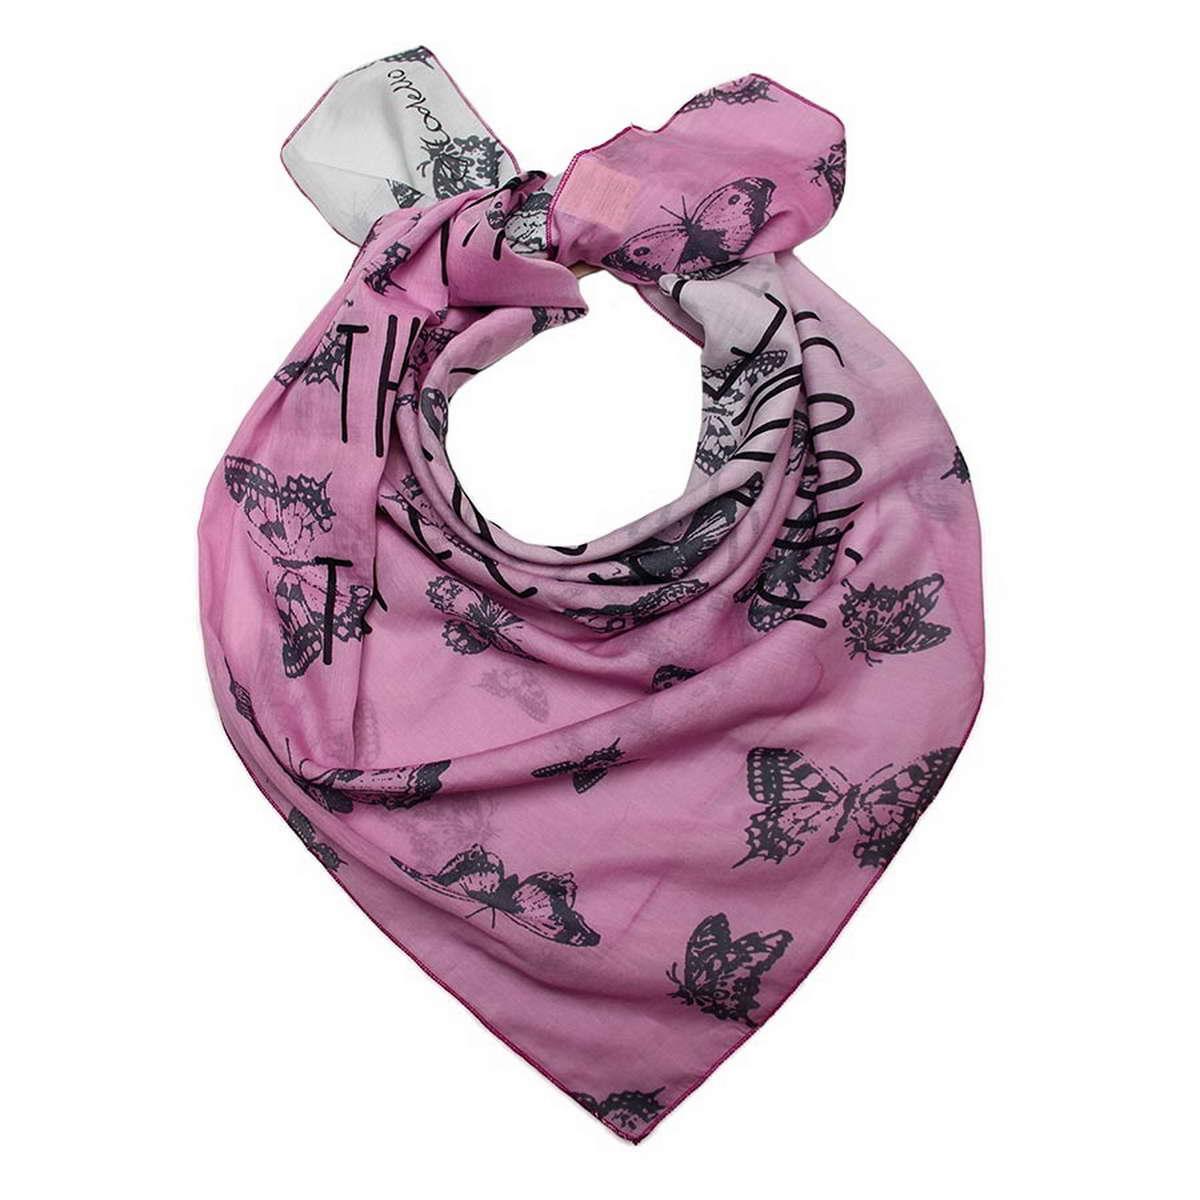 Платок женский Codello, цвет: молочный, розовый, черный. 6700871-3. Размер 90 см х 90 см6700871-3Стильный женский платок Codello, изготовленный из хлопка с добавлением шелка, выполнен в оригинальной цветовой гамме и оформлен оригинальным принтом в виде бабочек.Классическая квадратная форма позволяет носить платок на шее, украшать им прическу или декорировать сумочку.Такой платок превосходно дополнит любой наряд и подчеркнет ваш неповторимый вкус и элегантность.